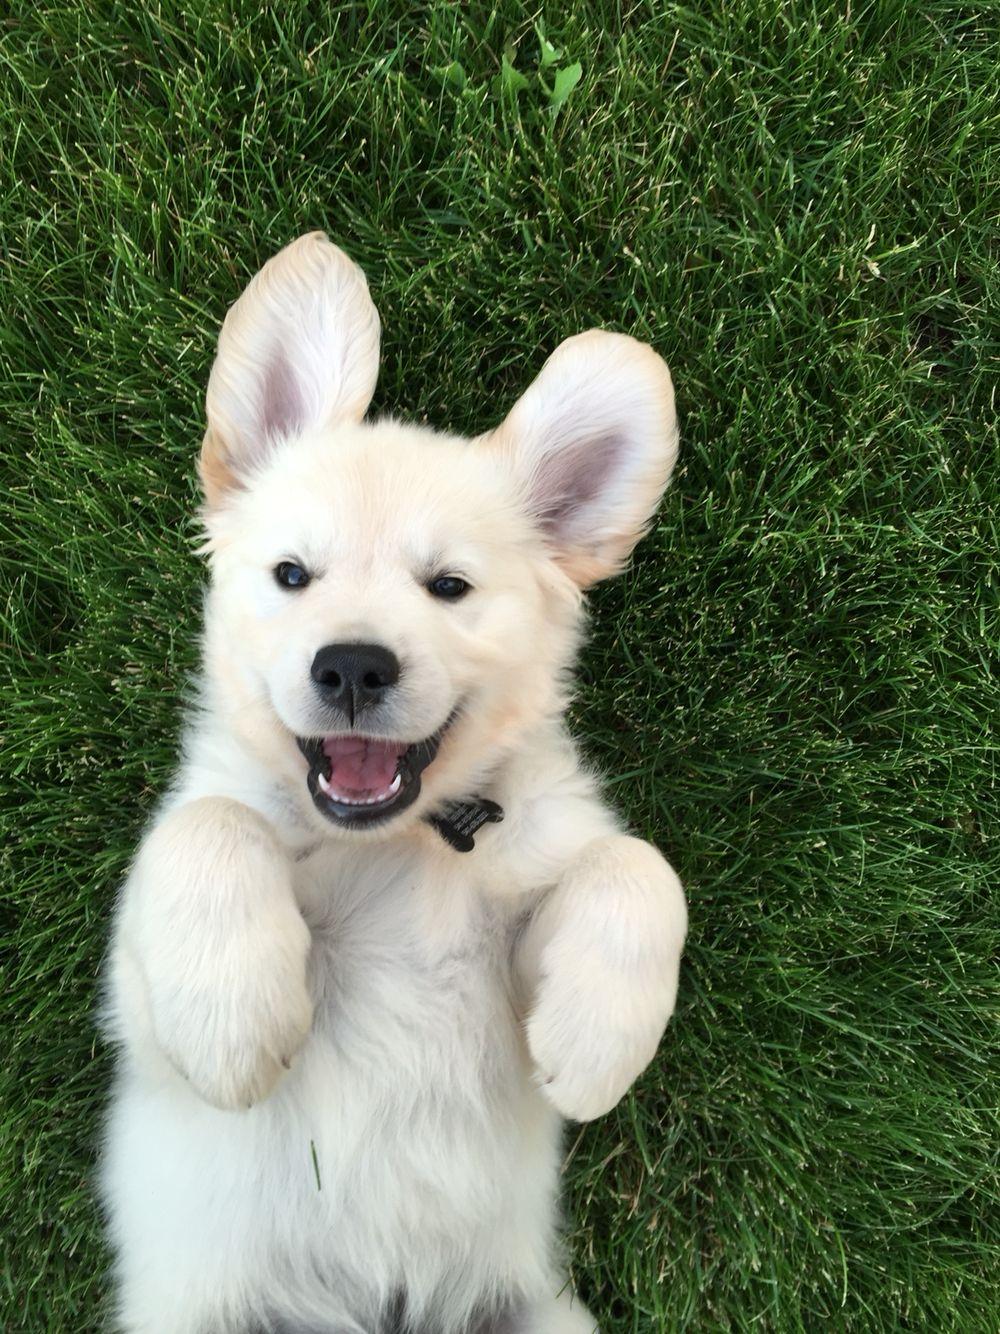 Golden Retriever Dog Breed Information En 2020 Animales Bebe Bonitos Animales Adorables Fotos De Animales Tiernos